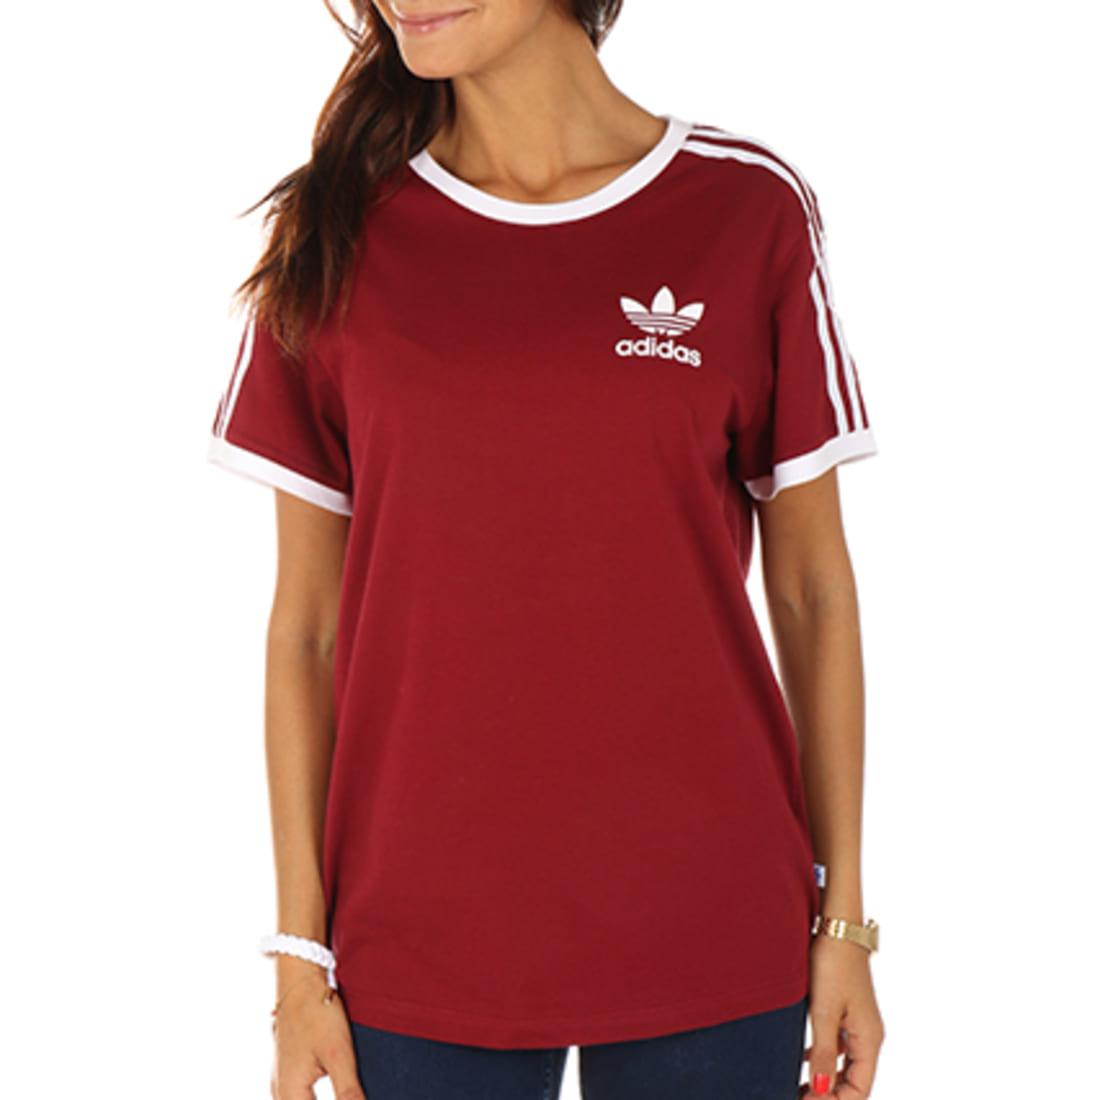 t-shirt adidas femme